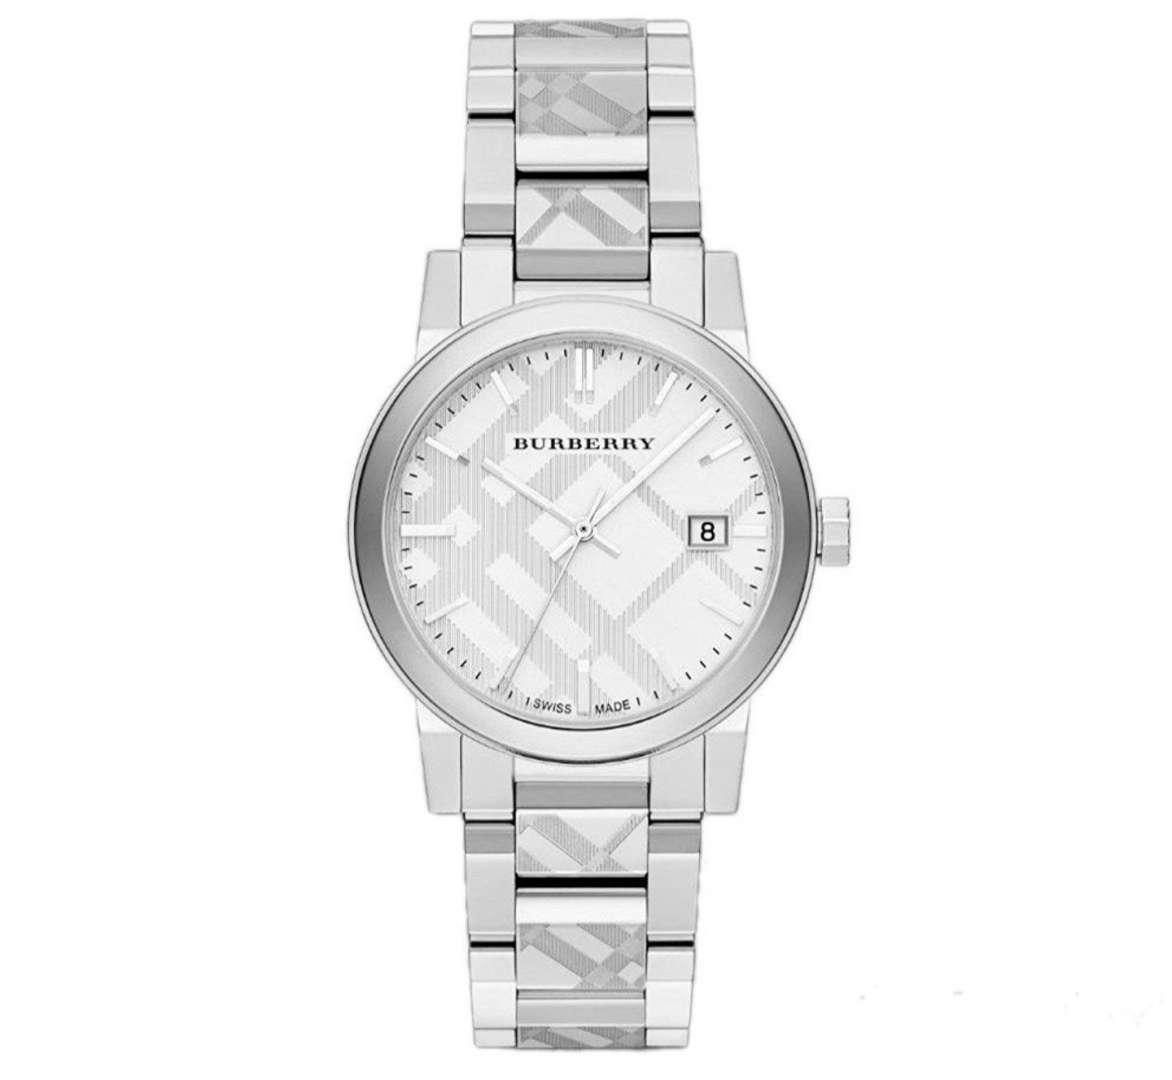 שעון יד אנלוגי burberry bu9037 ברברי